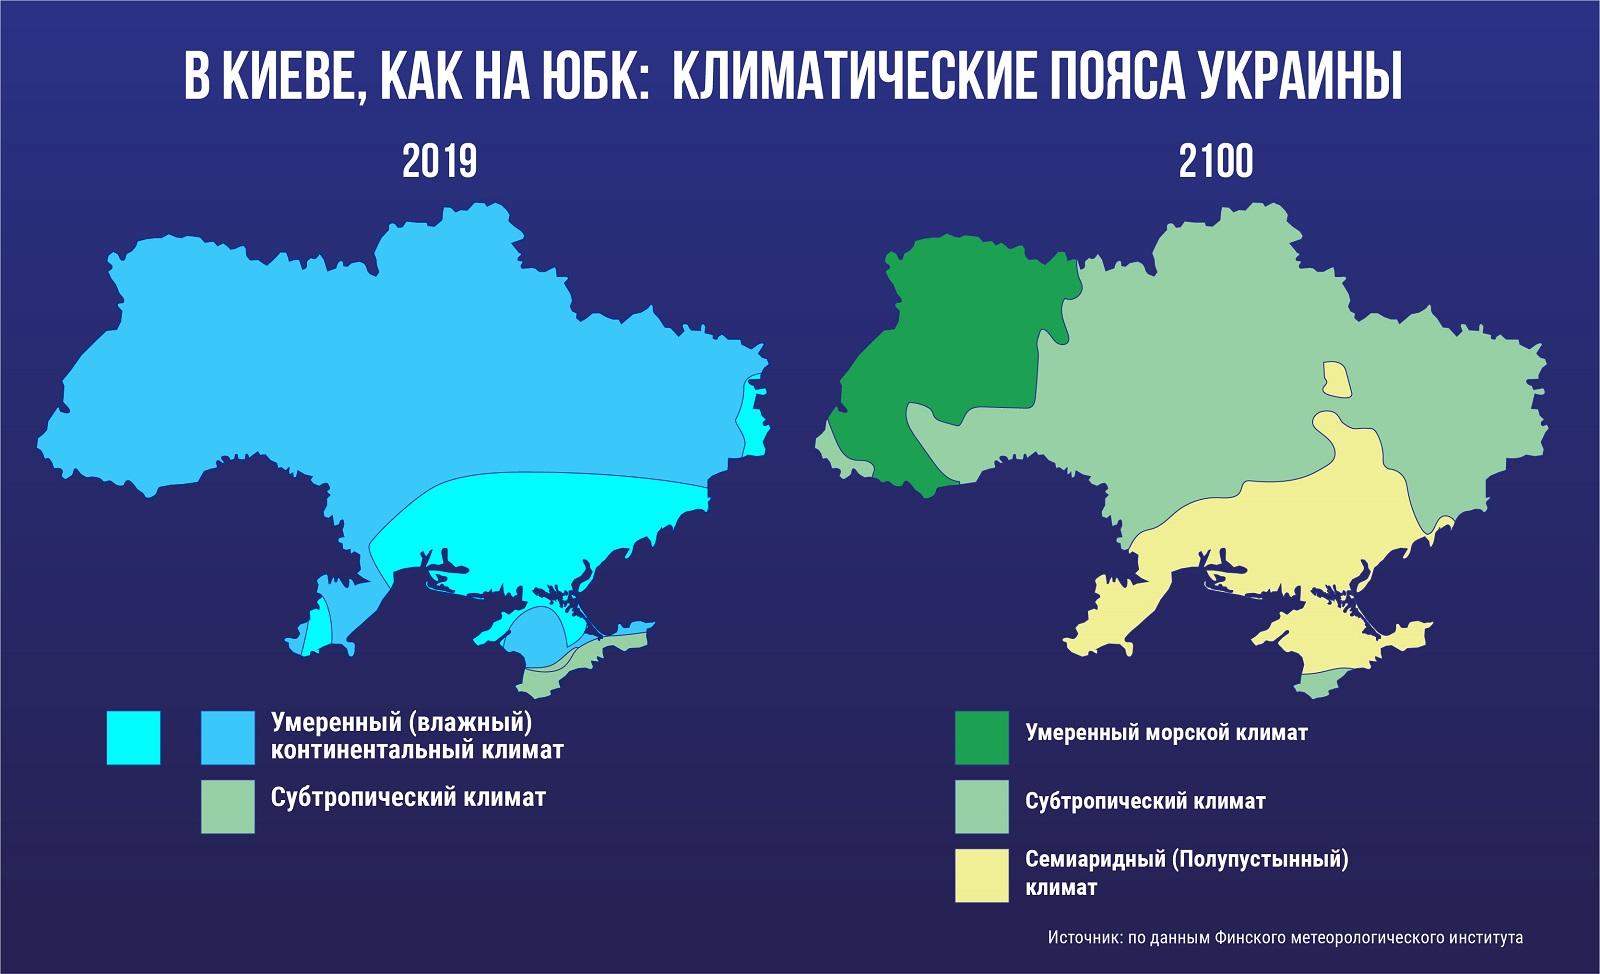 карта, климатические пояса Украины, глобальное потепление, изменение климата